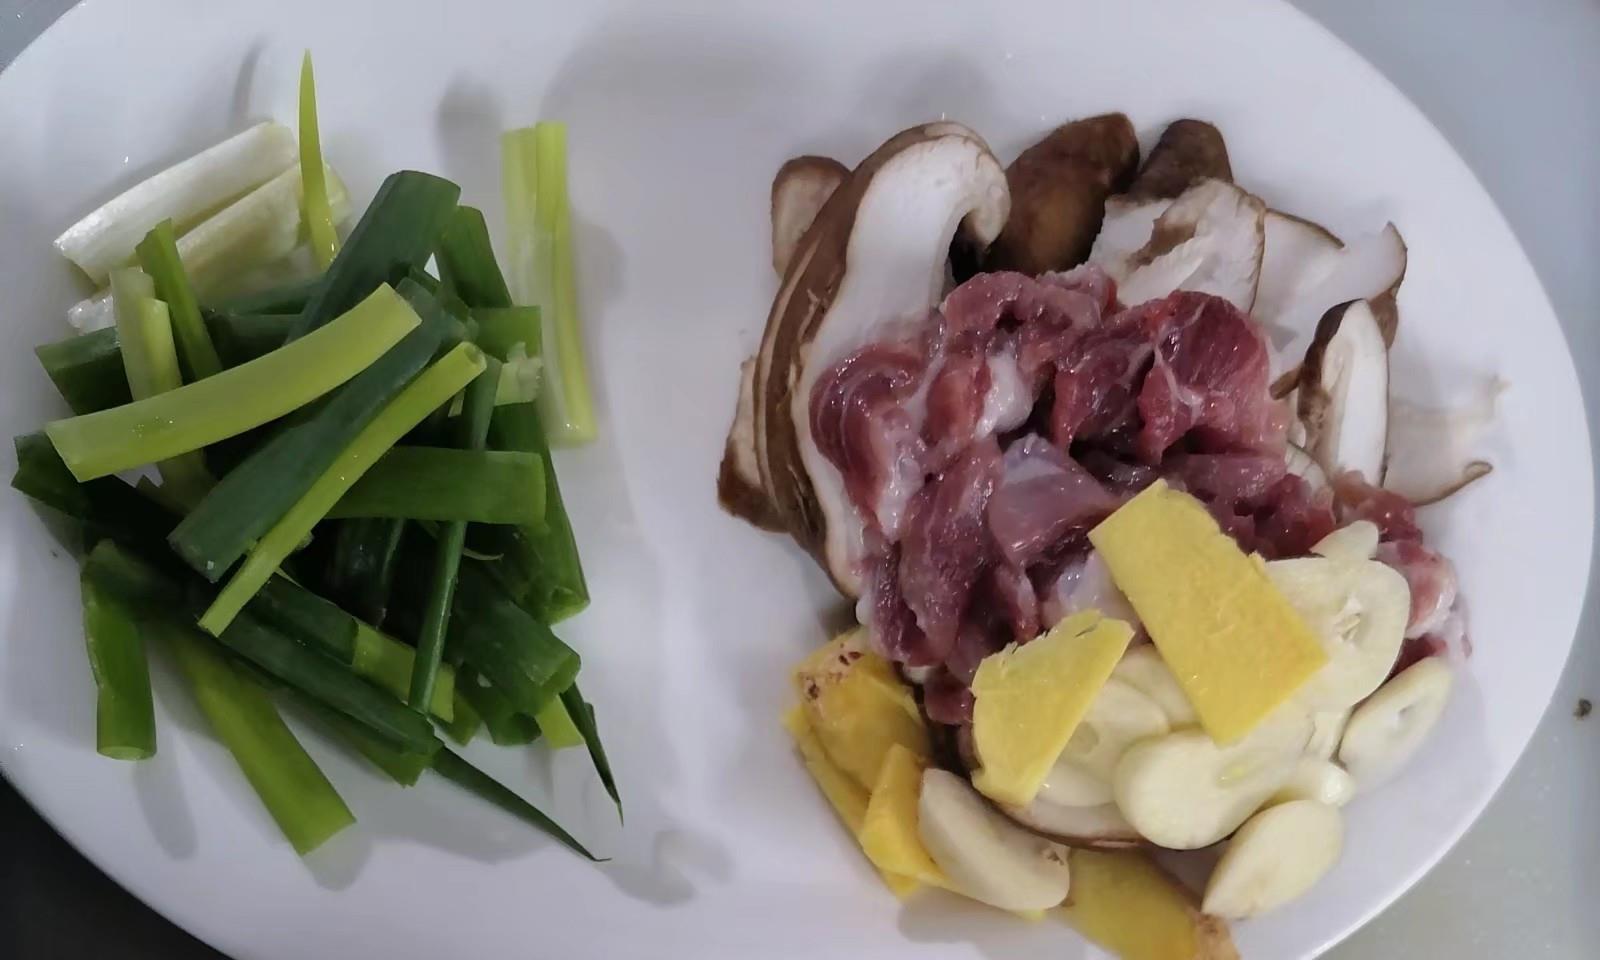 大厨的秘制铁板豆腐,外表金黄诱人里边鲜嫩可口,收藏了